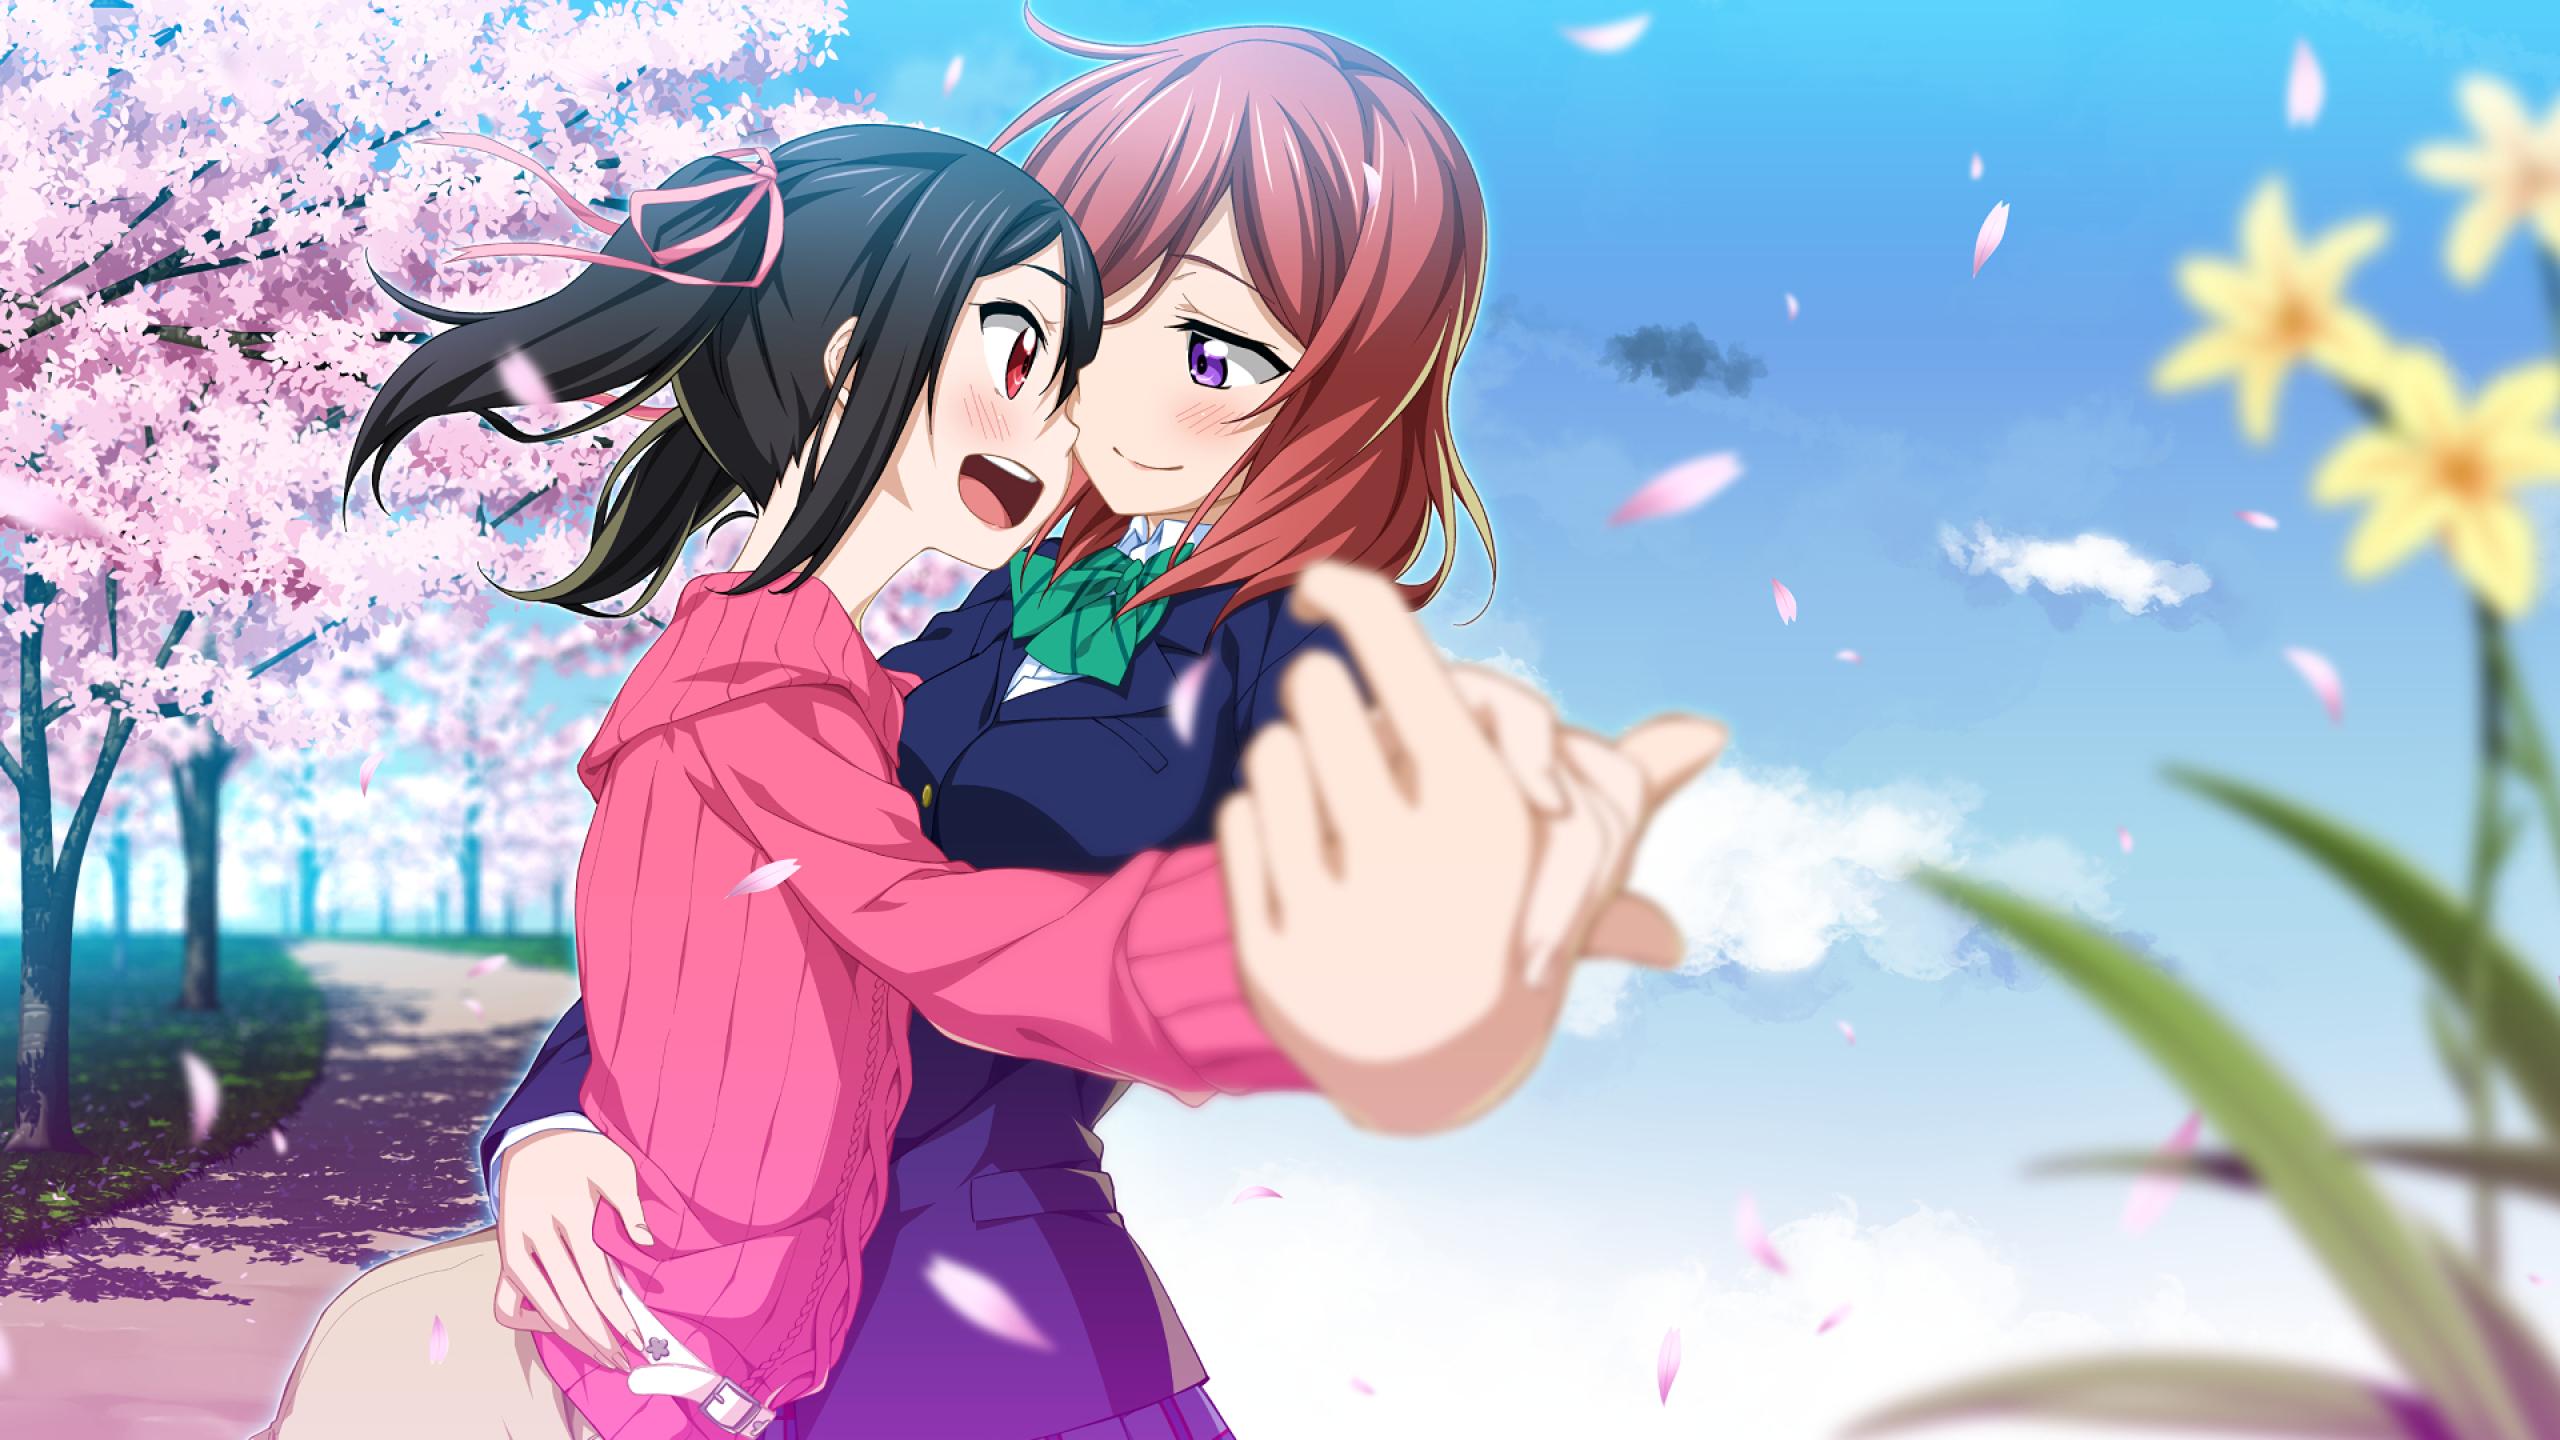 Love Live Yazawa Nico Nishikino Maki Dancing Sakura 441046 Hd Wallpaper Backgrounds Download